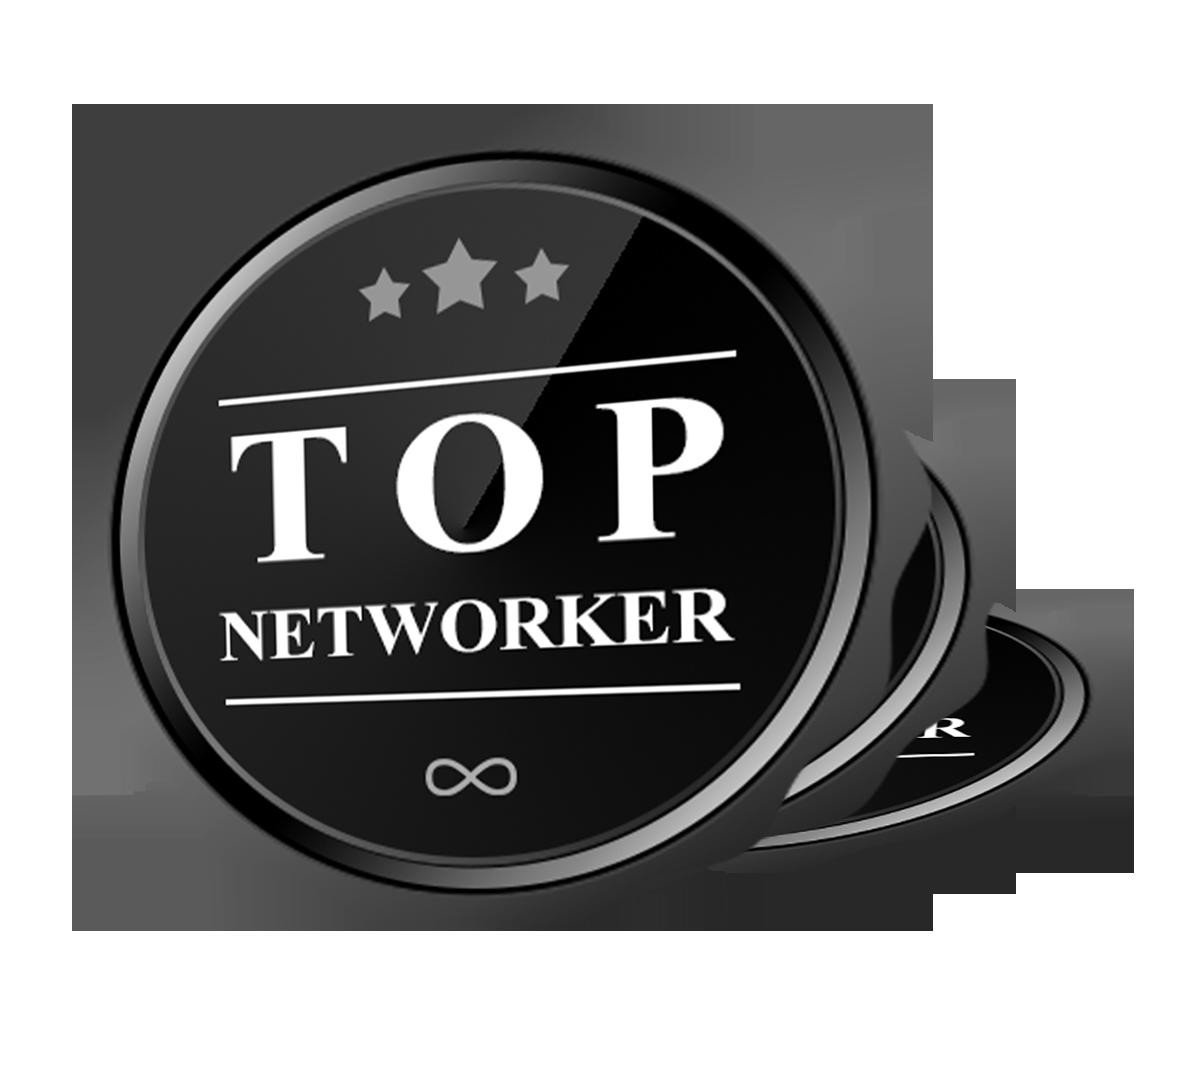 Top Networker